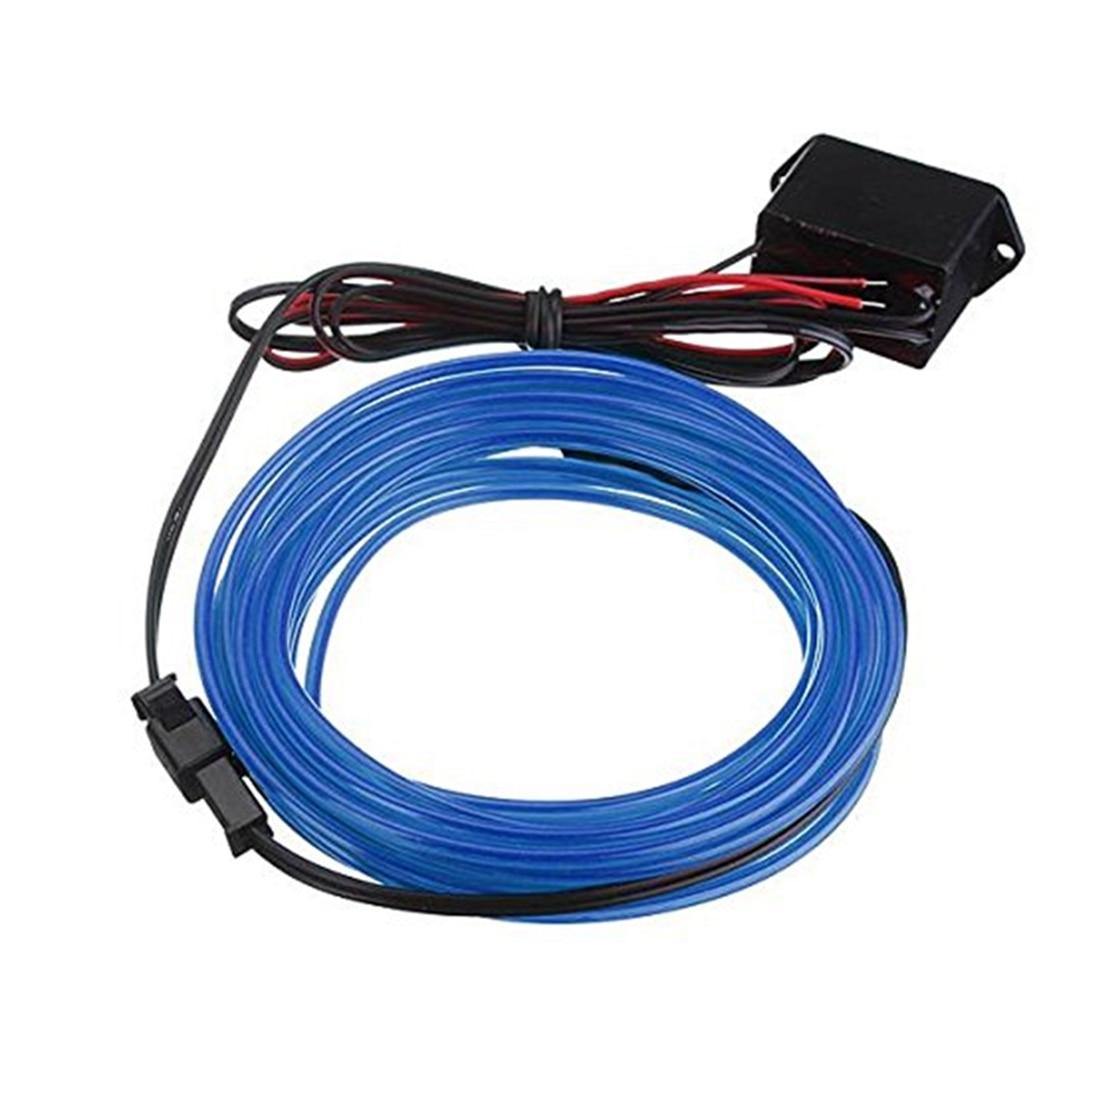 2M EL Cable DC 12V luces de neón flexibles para fiestas de Navidad Rave fiestas Halloween Disfraces tienda minorista Display (azul)